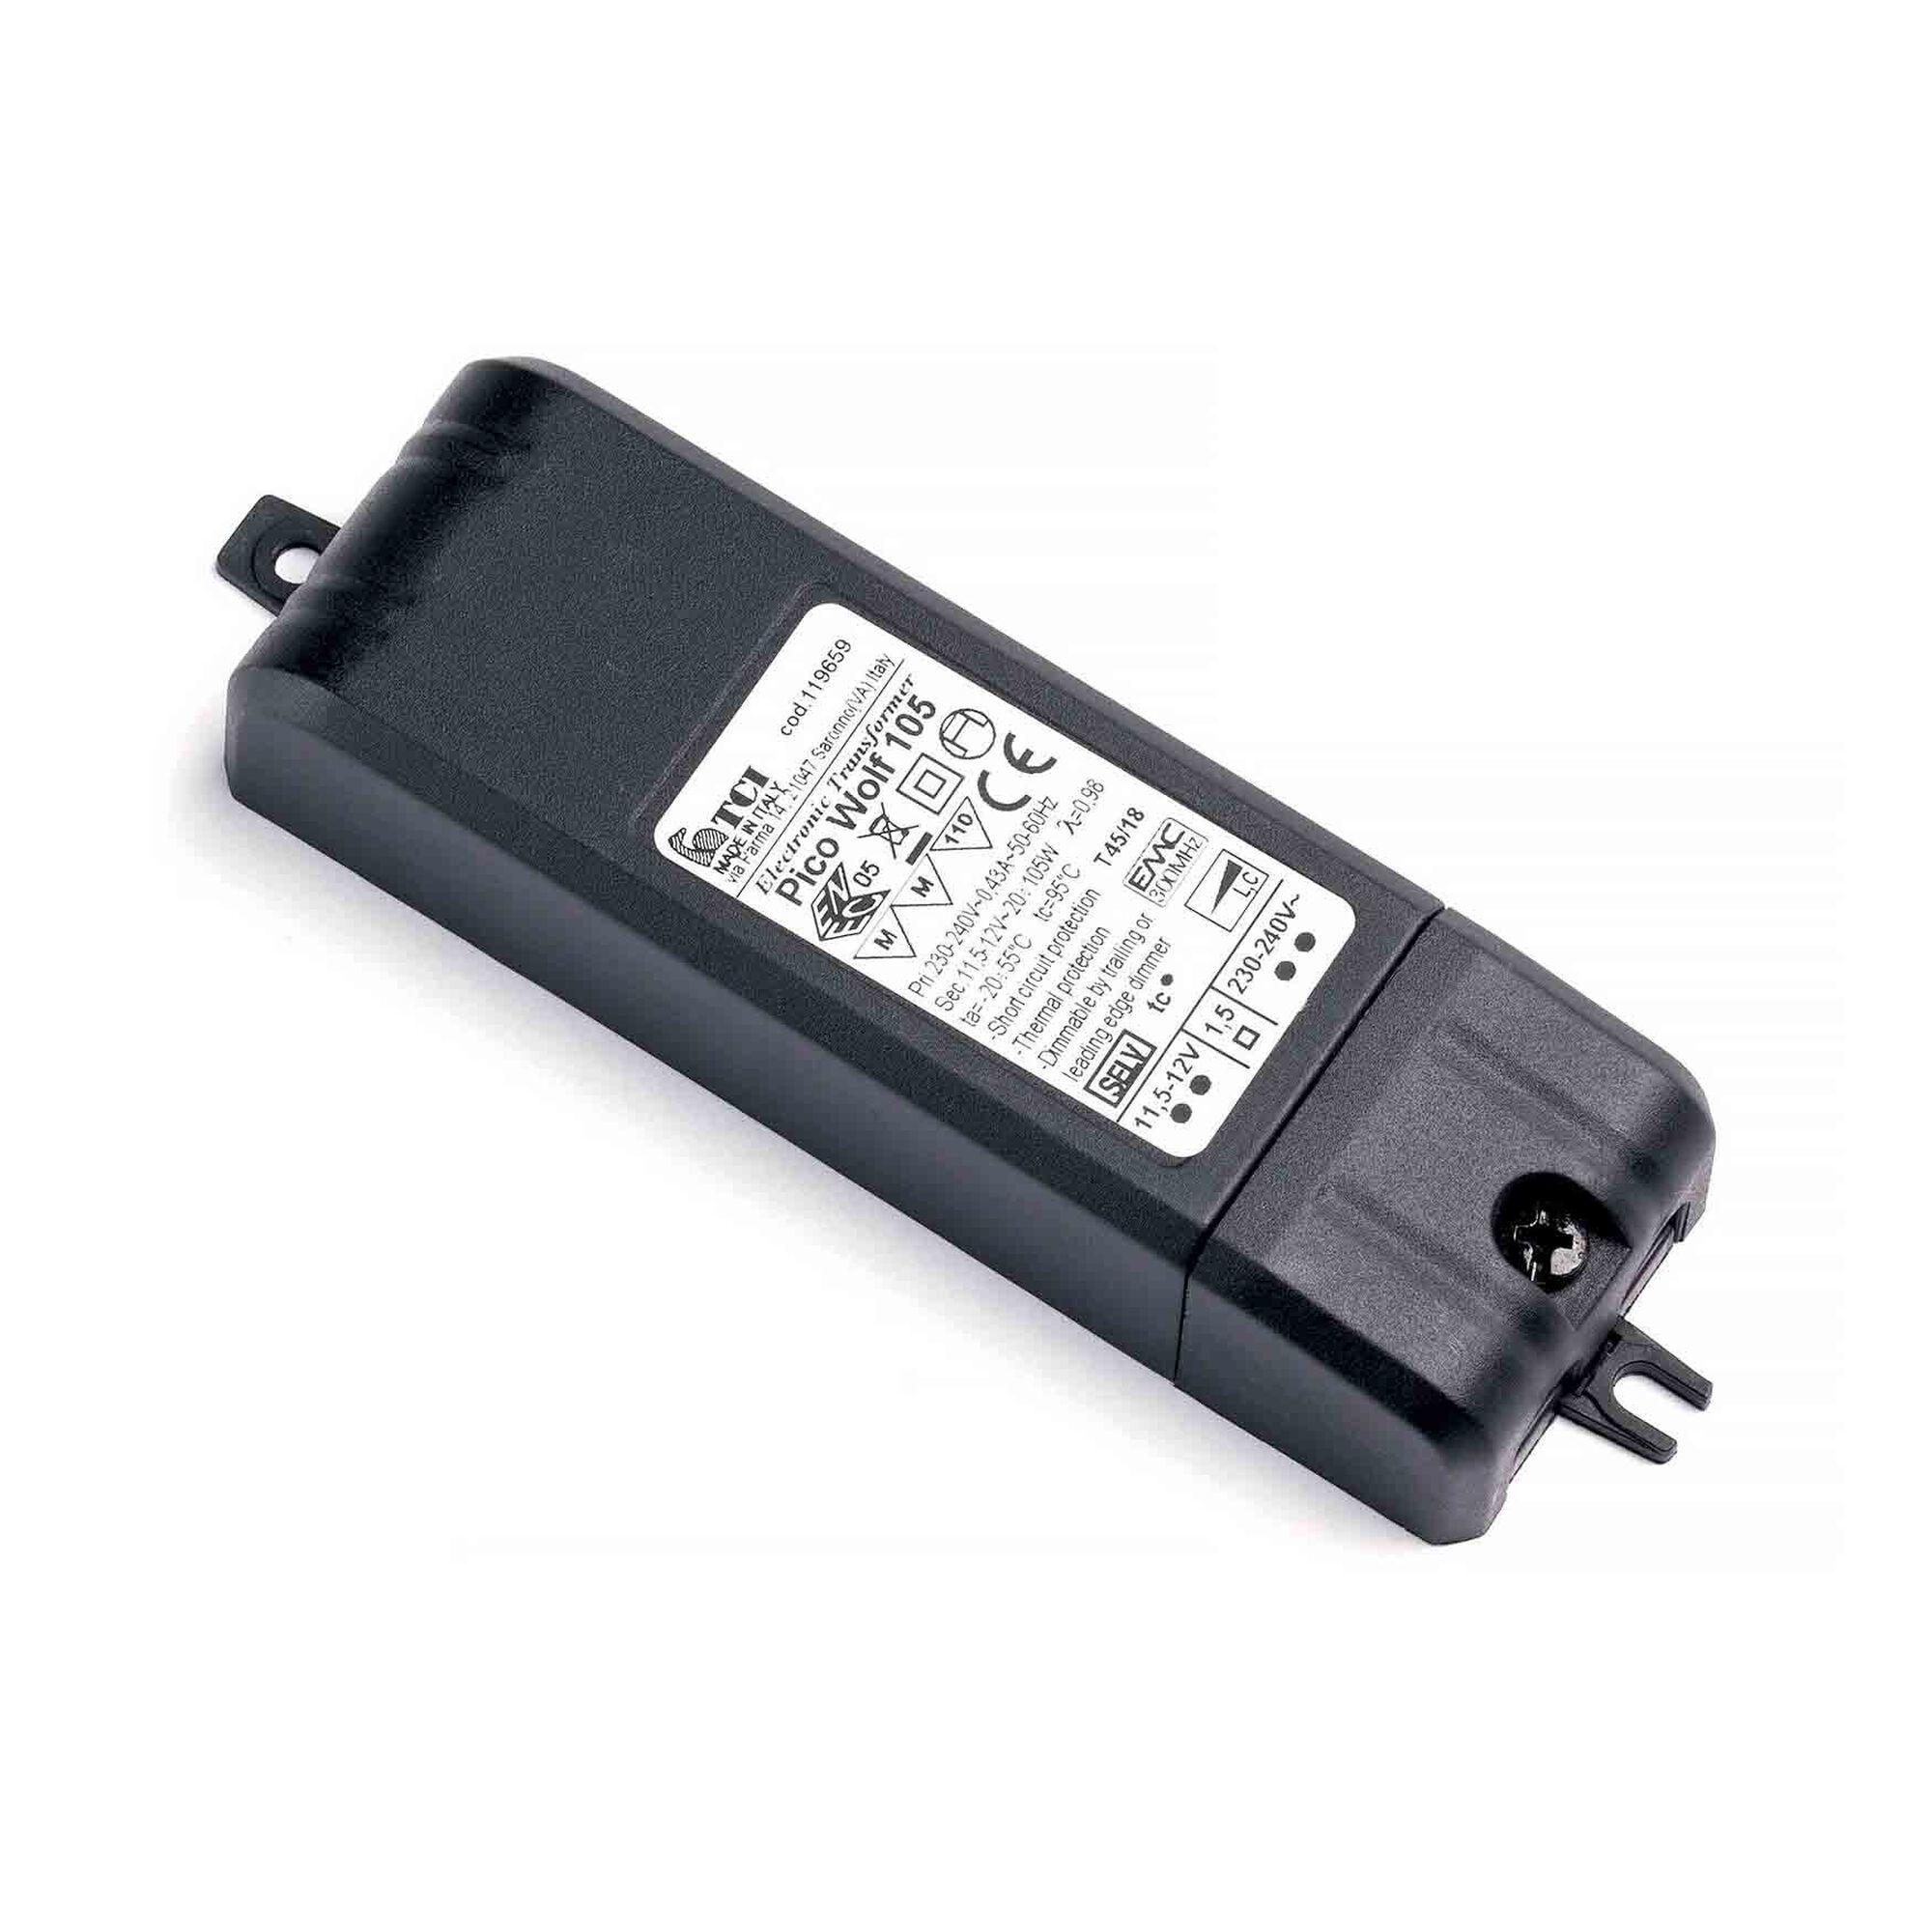 Ylumen Transformator Pico 20-105 Watt 12 volt zwart